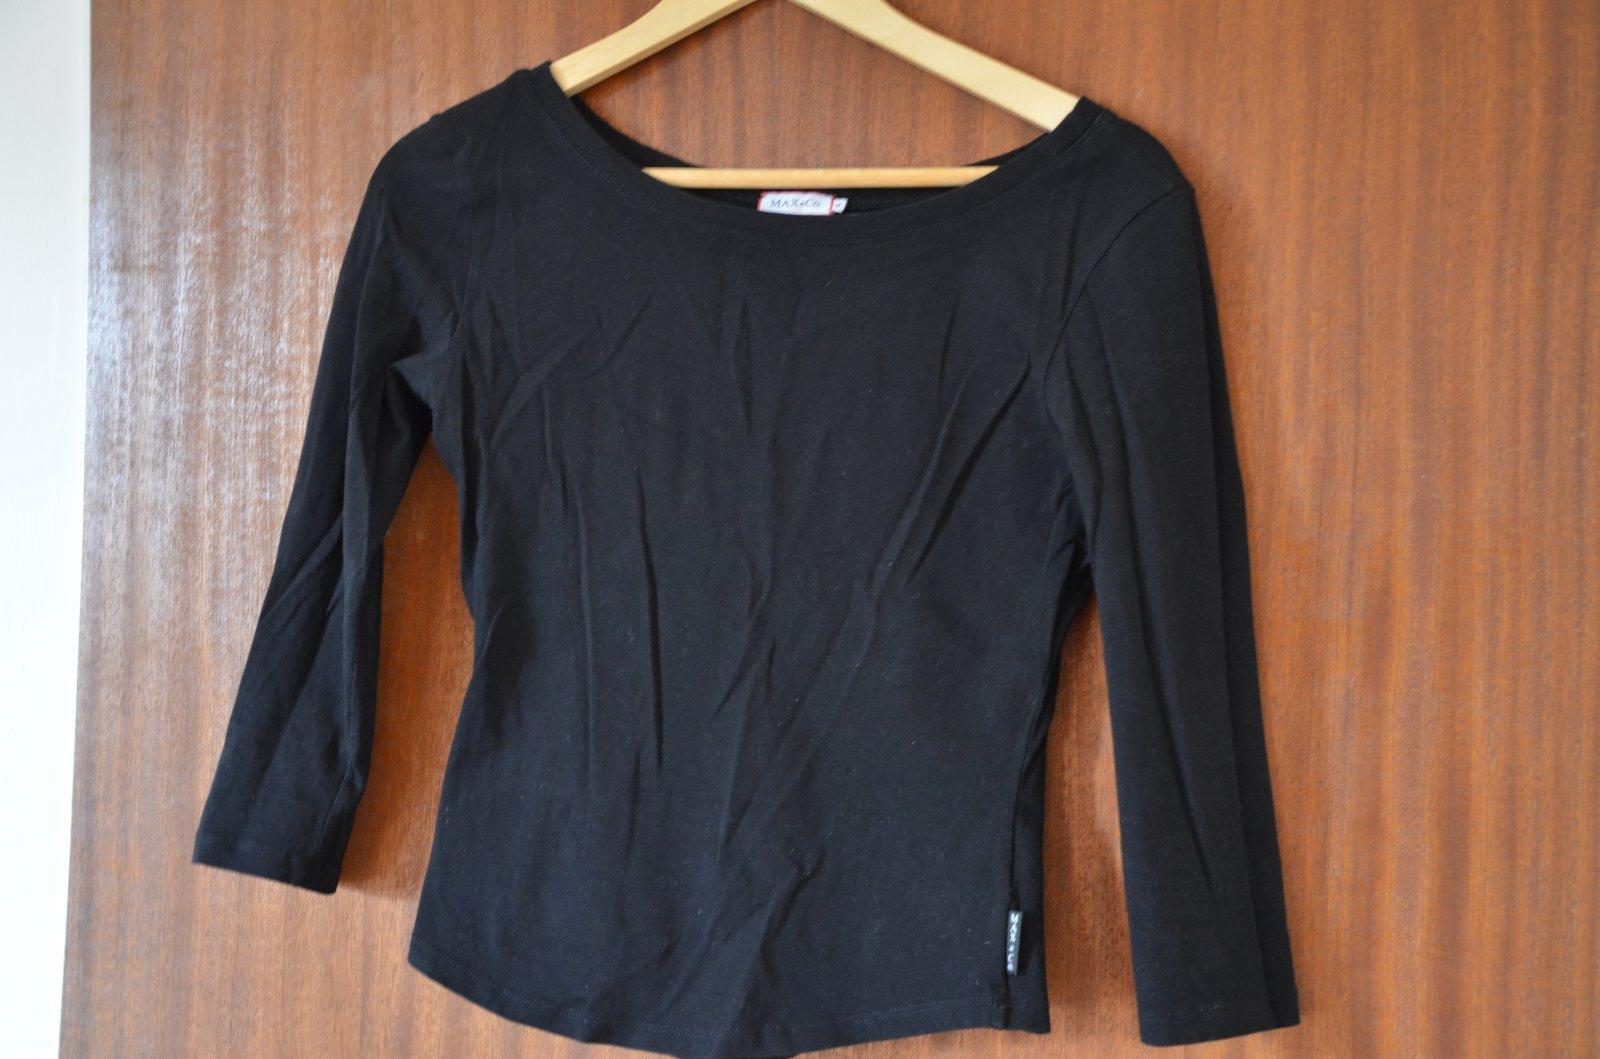 7aa70c8edb95 Dámske elastické tričko s lodičkovým výstrihom